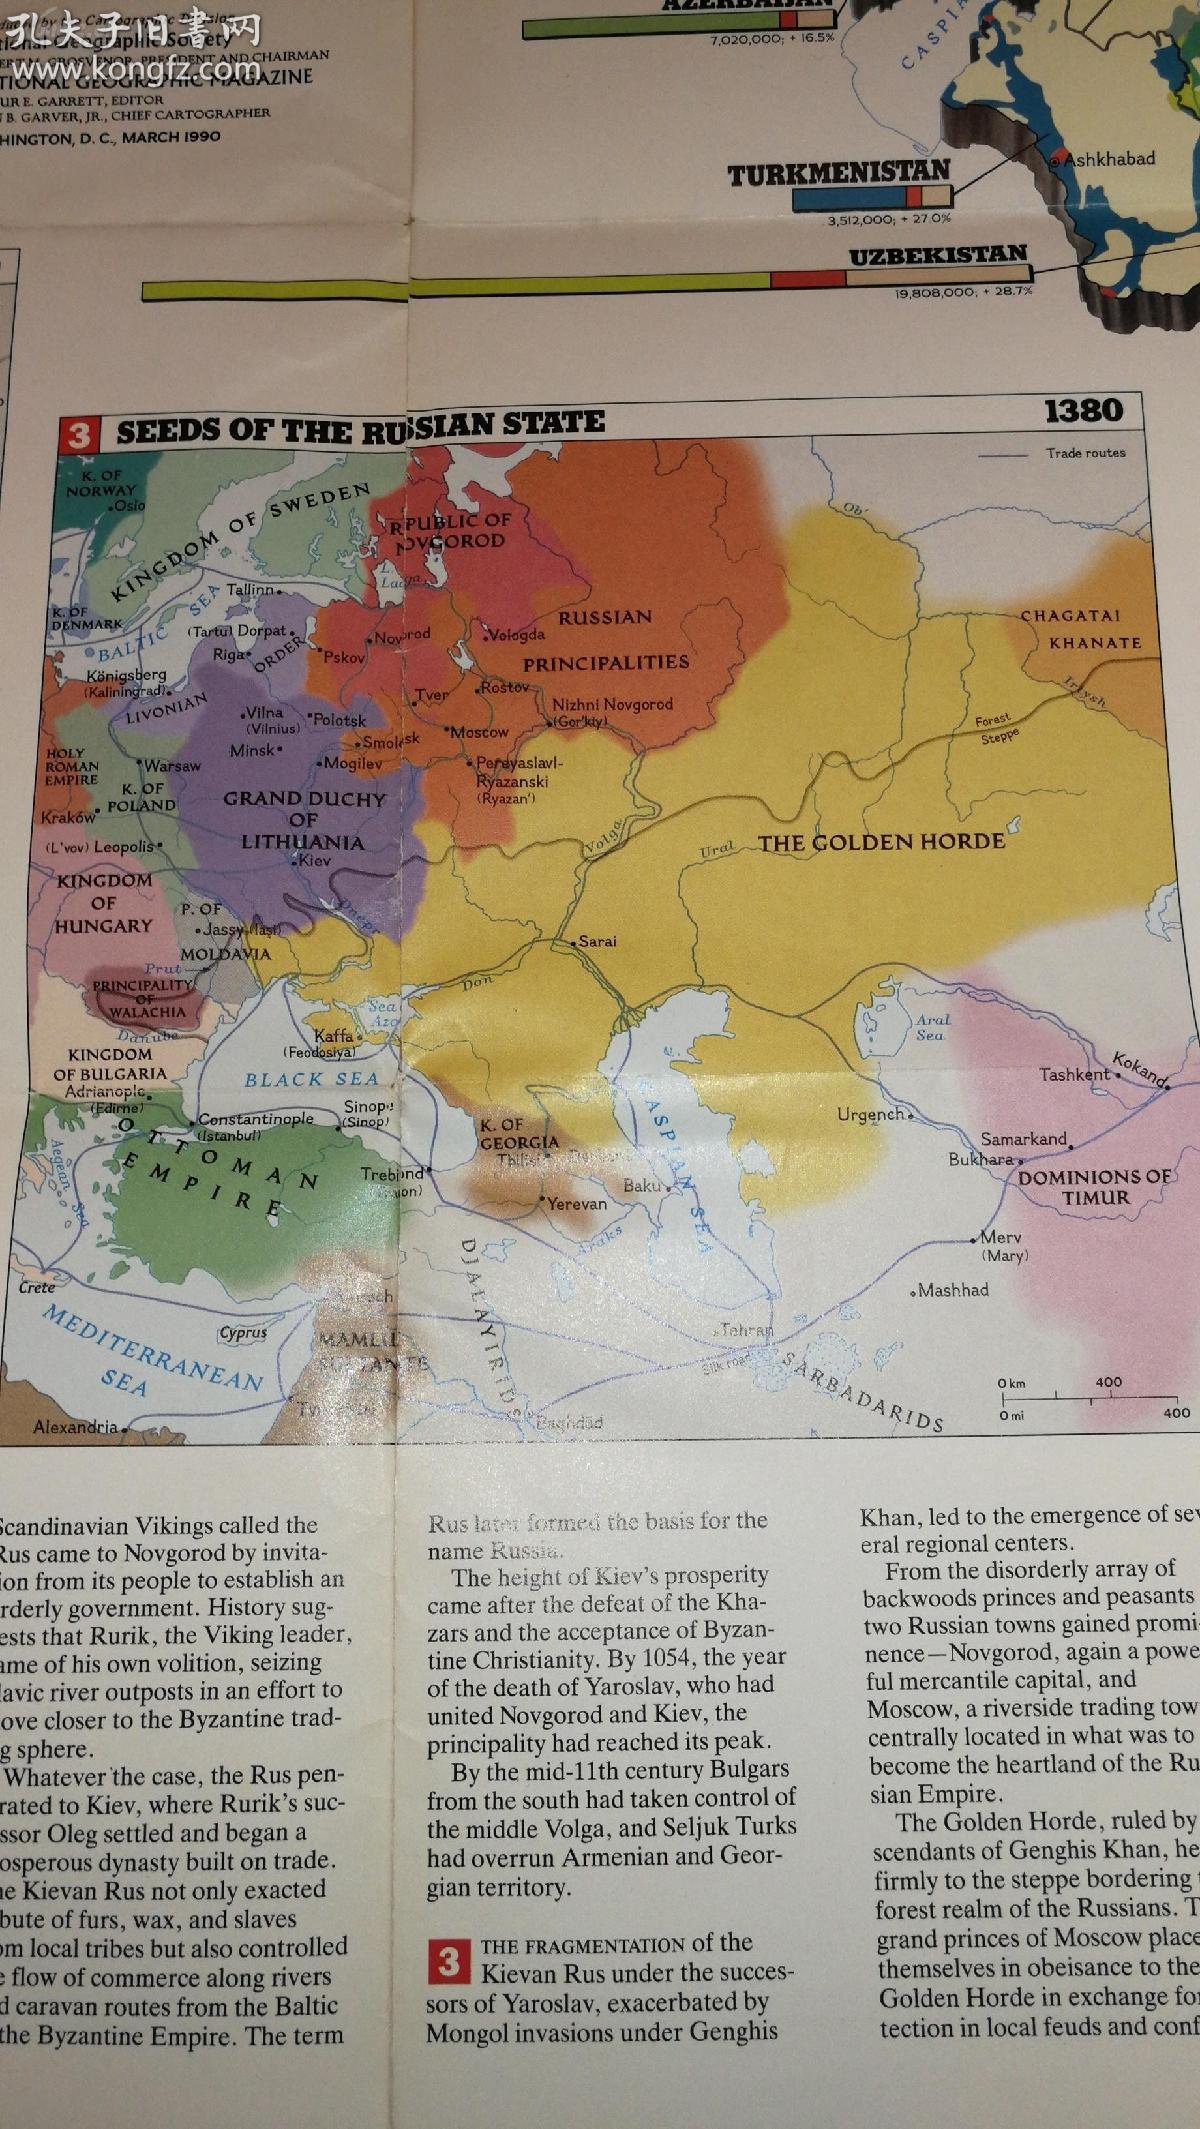 苏联解体时的蒙古国人口_苏联解体后蒙古国图片